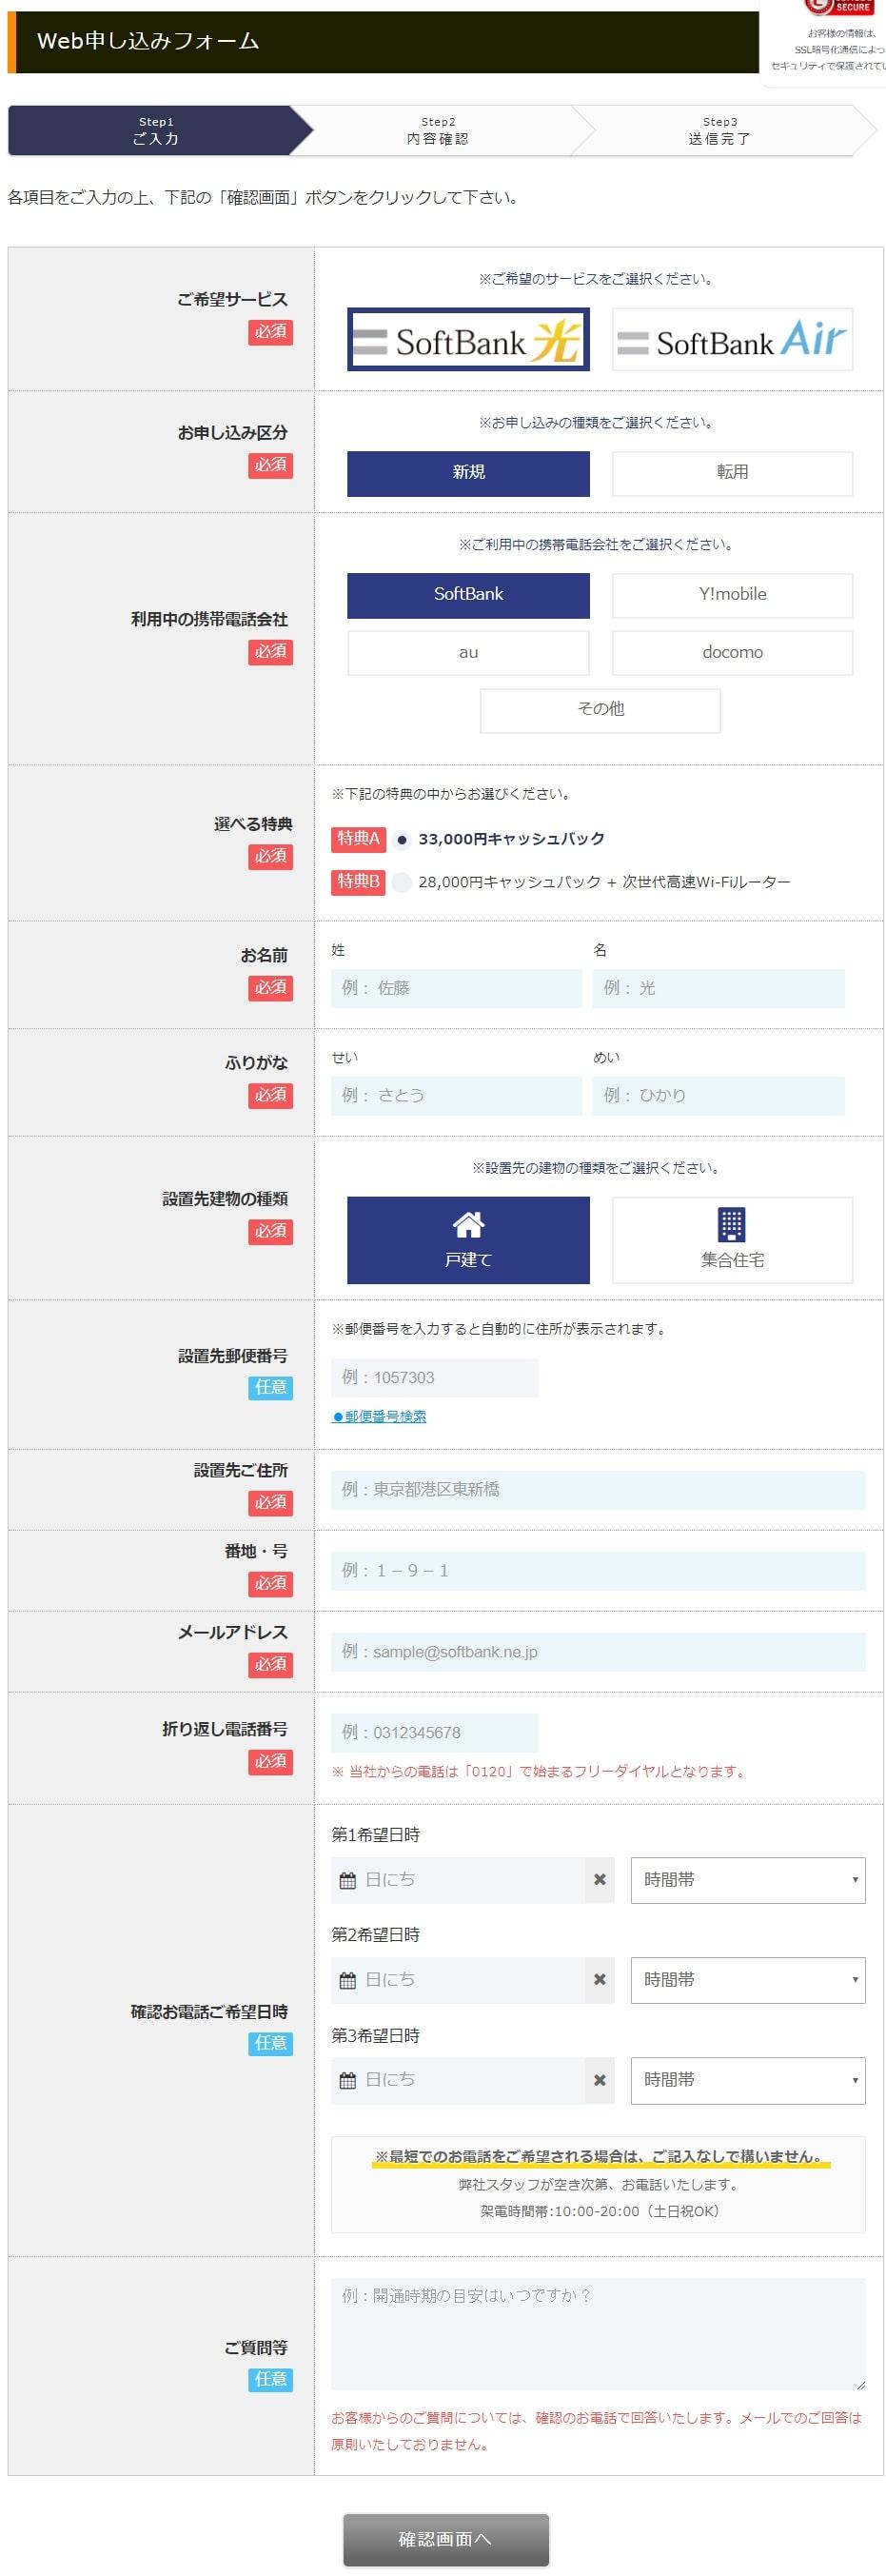 エヌズカンパニーソフトバンク光WEB申込フォーム